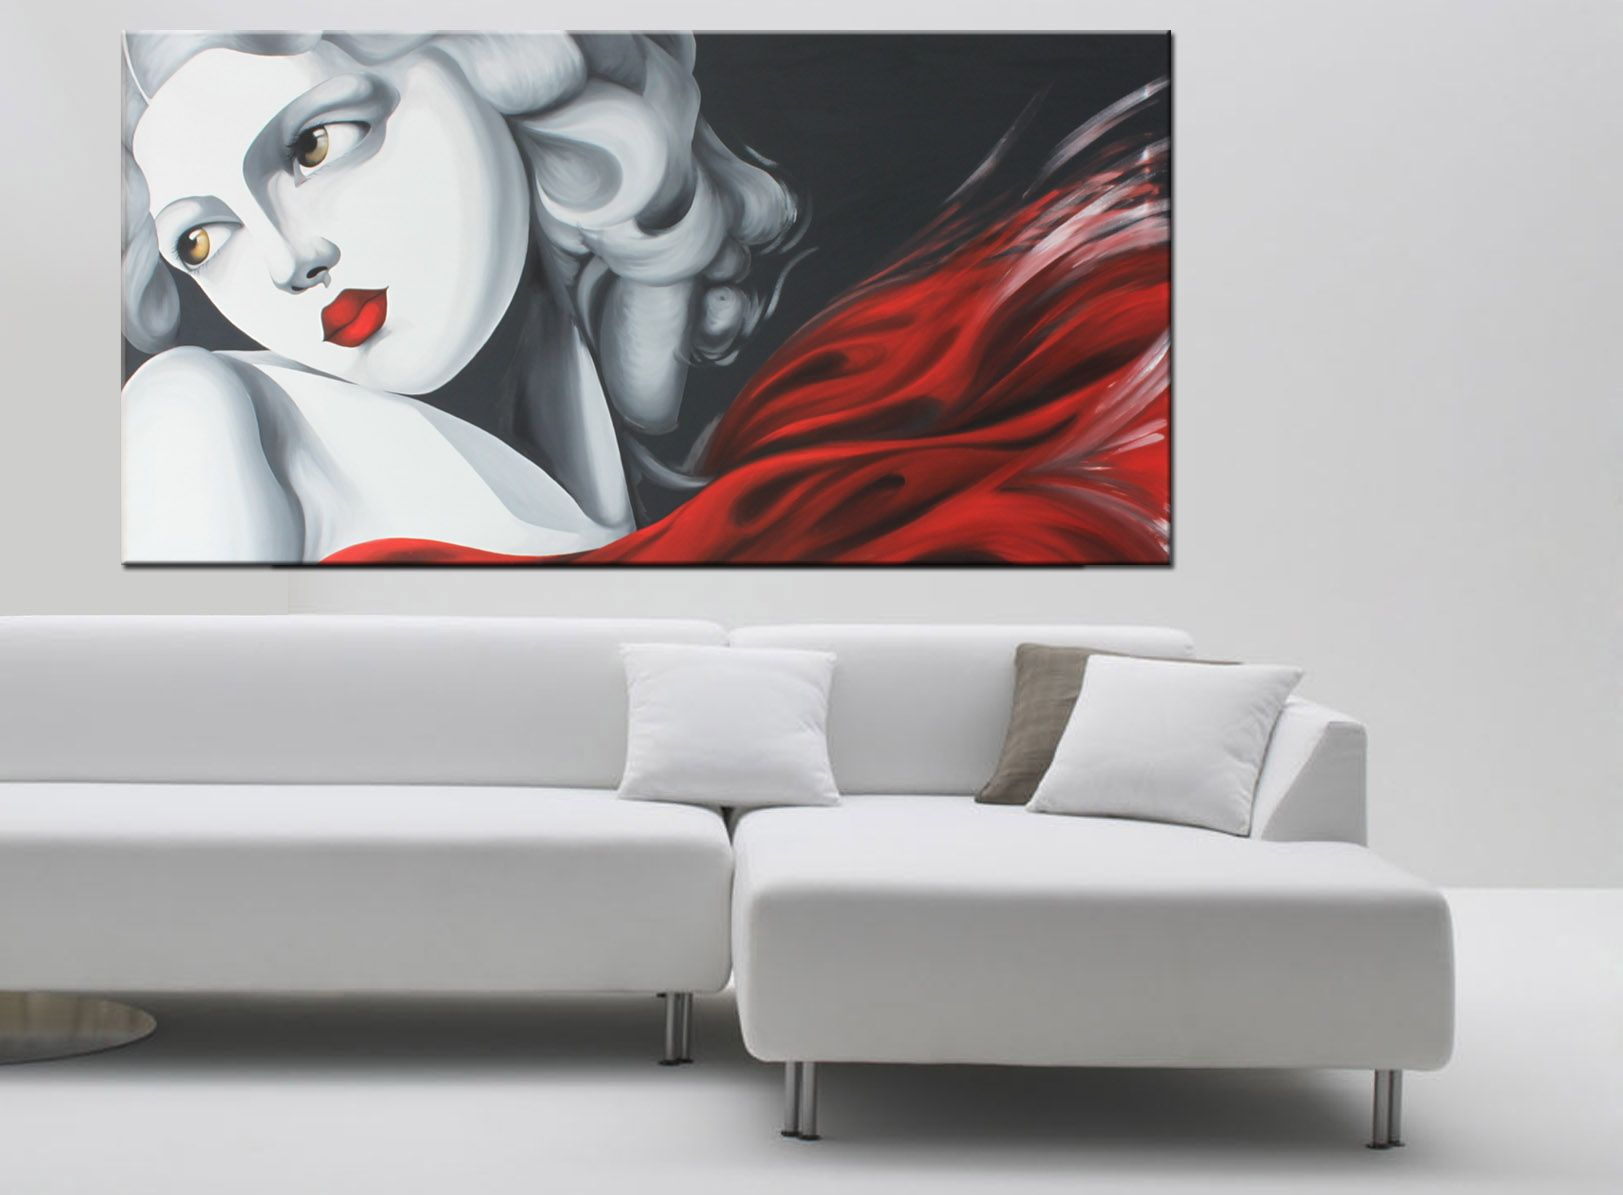 Quadri moderni dipinti su tela, paesaggio fantastico stilizzato ...